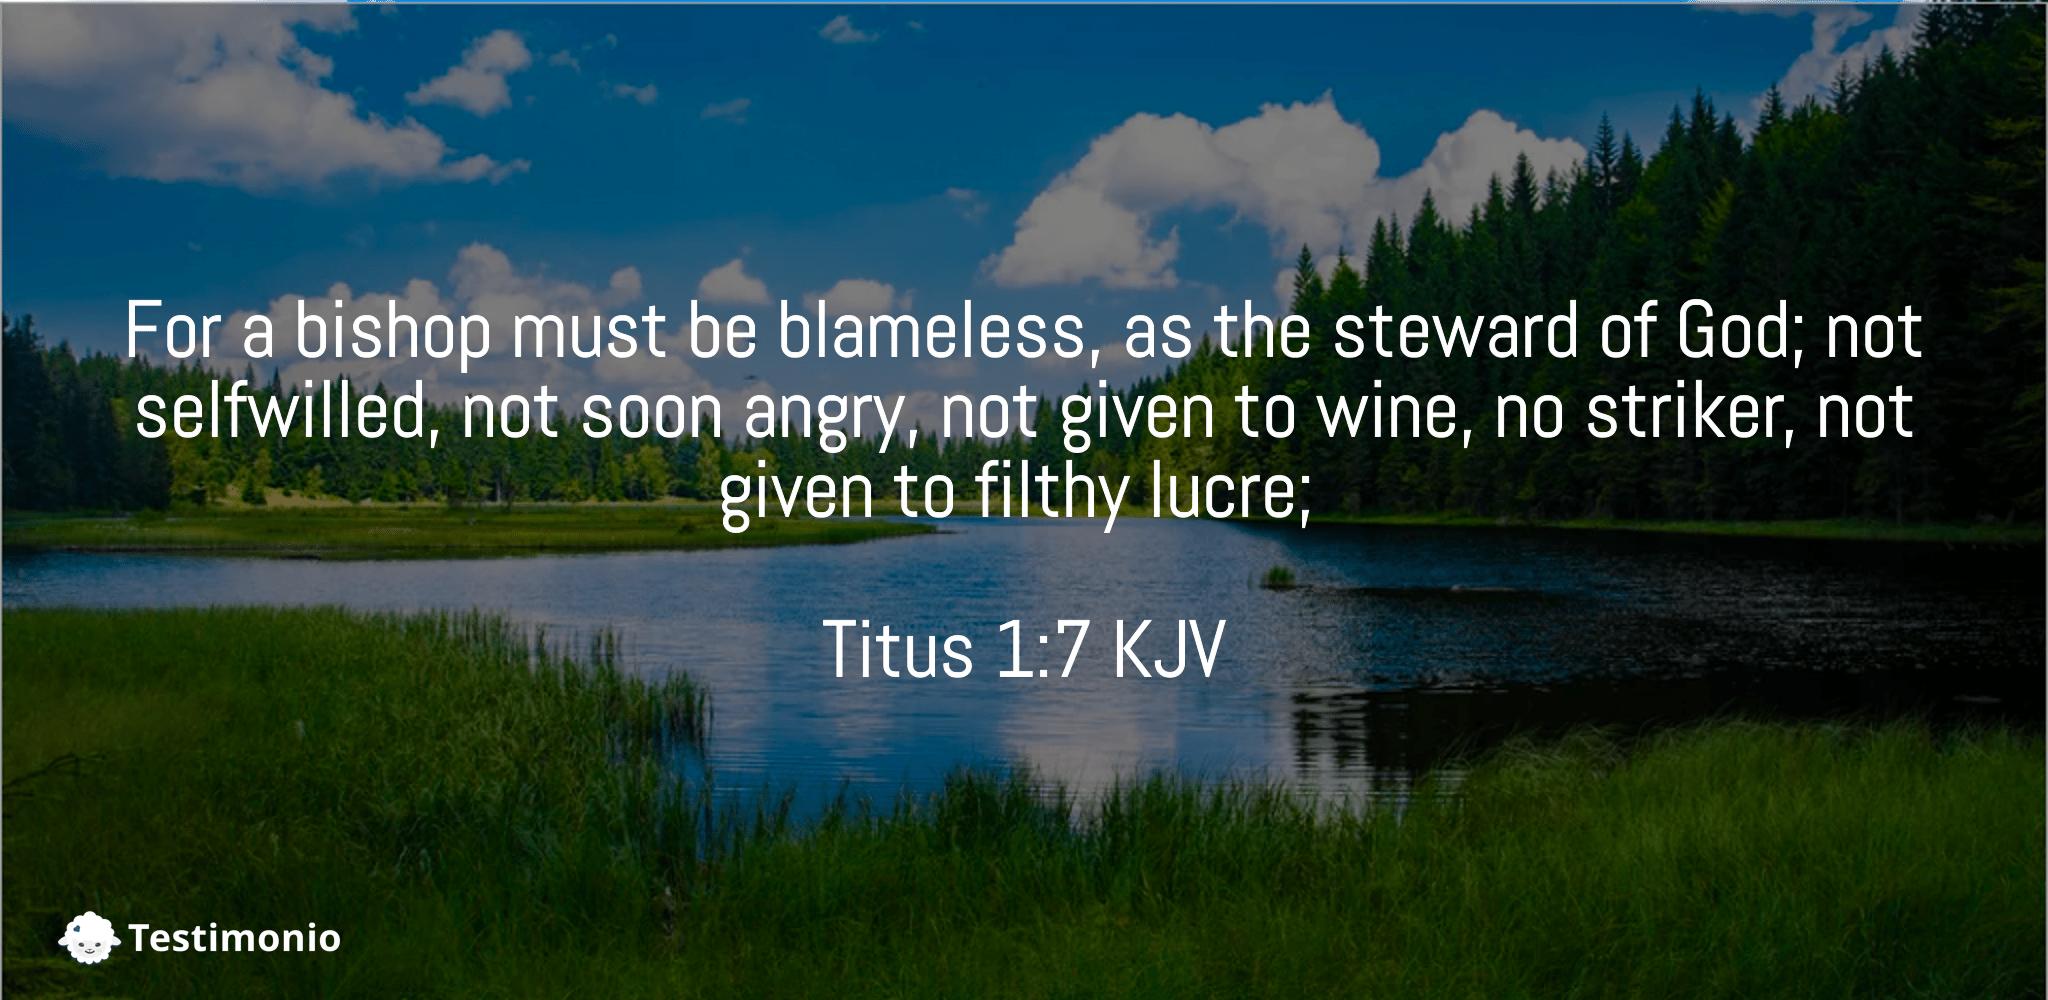 Titus 1:7